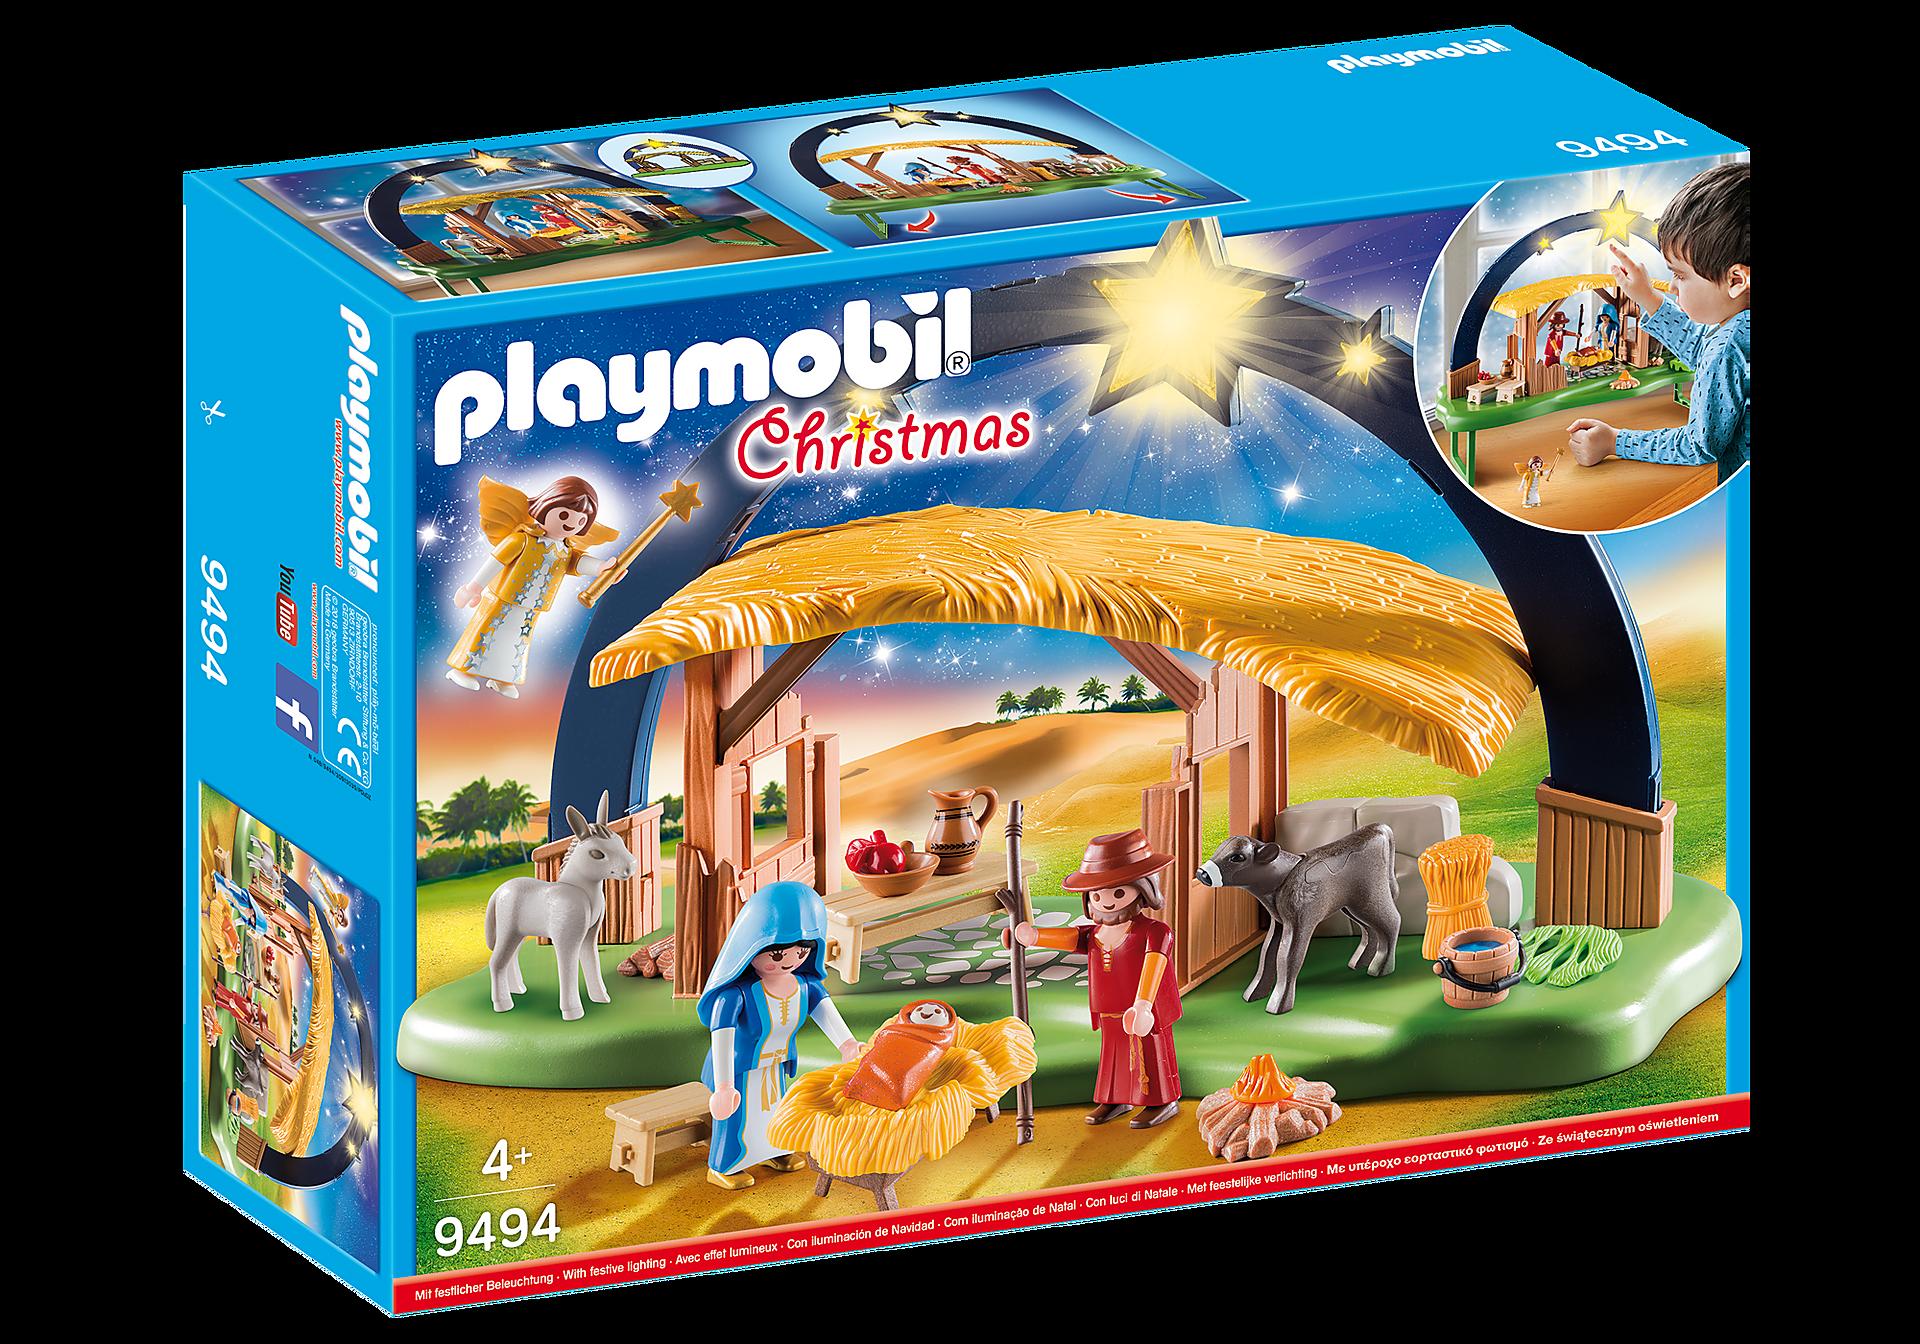 Weihnachtsbeleuchtung Lichterbogen.Lichterbogen Weihnachtskrippe 9494 Playmobil Deutschland